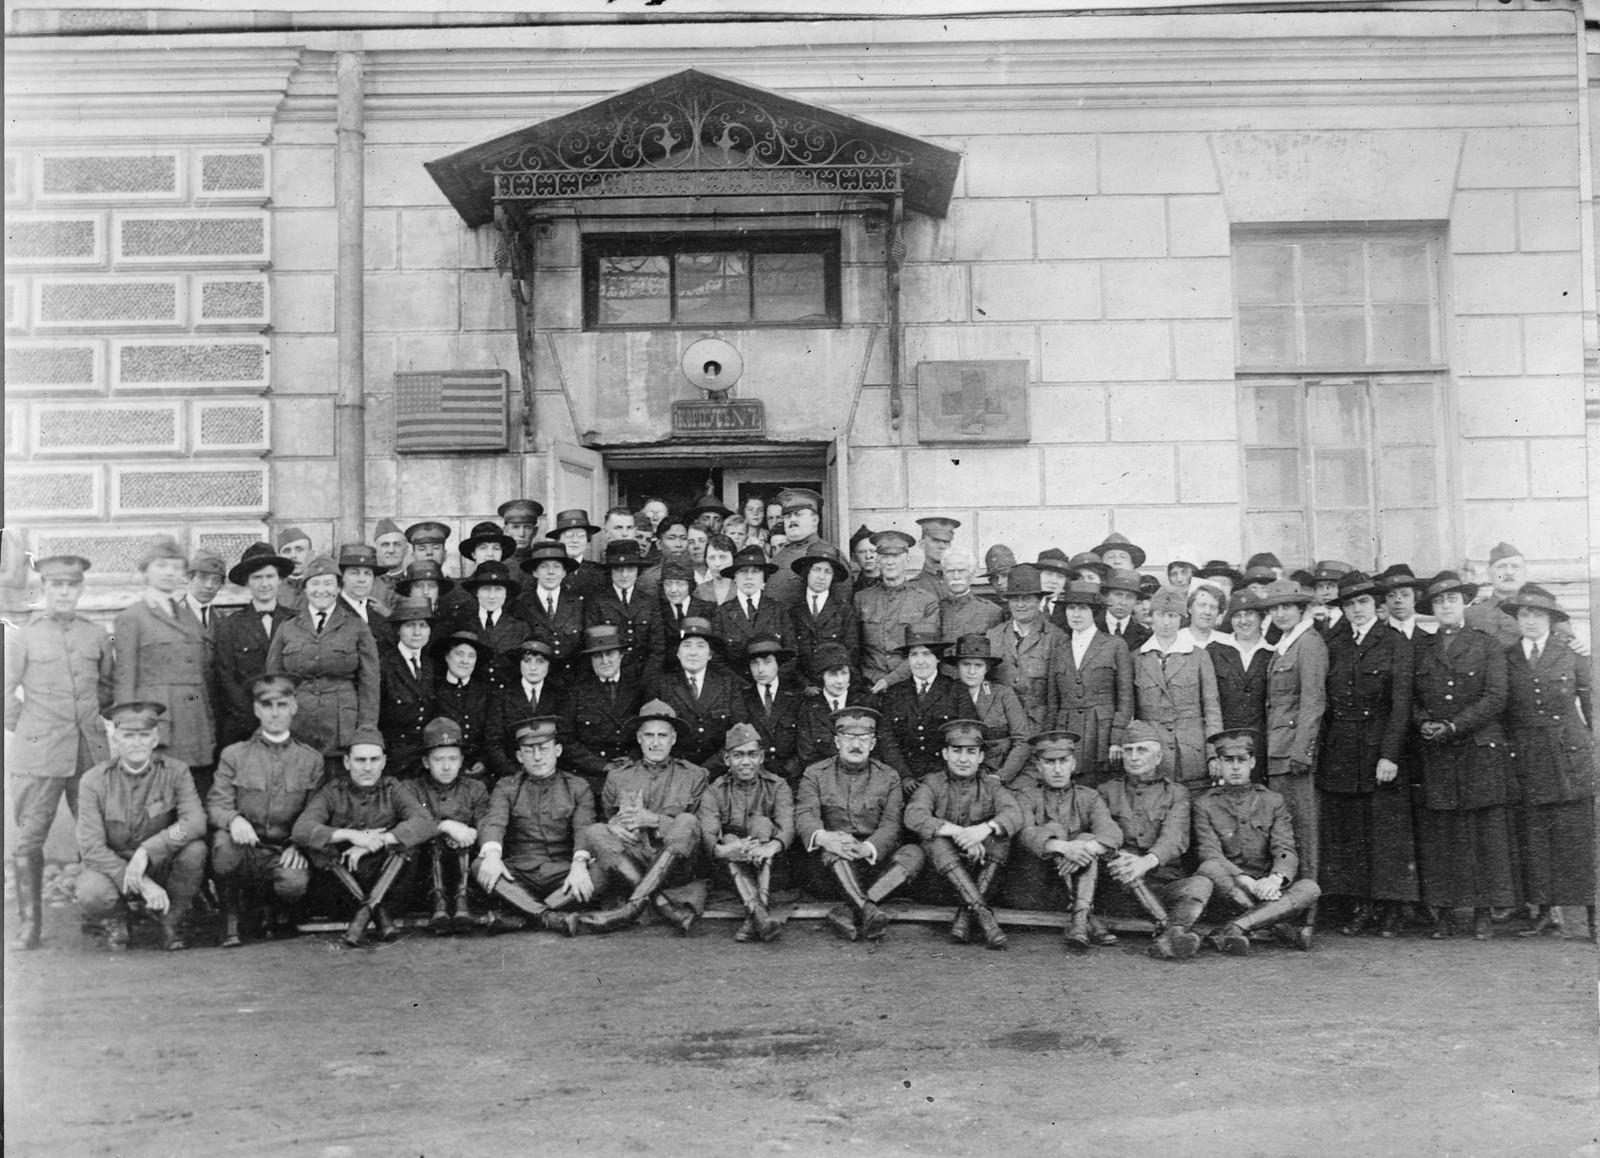 24. 1919. Владивосток. Часть персонала Красного Креста перед казармами